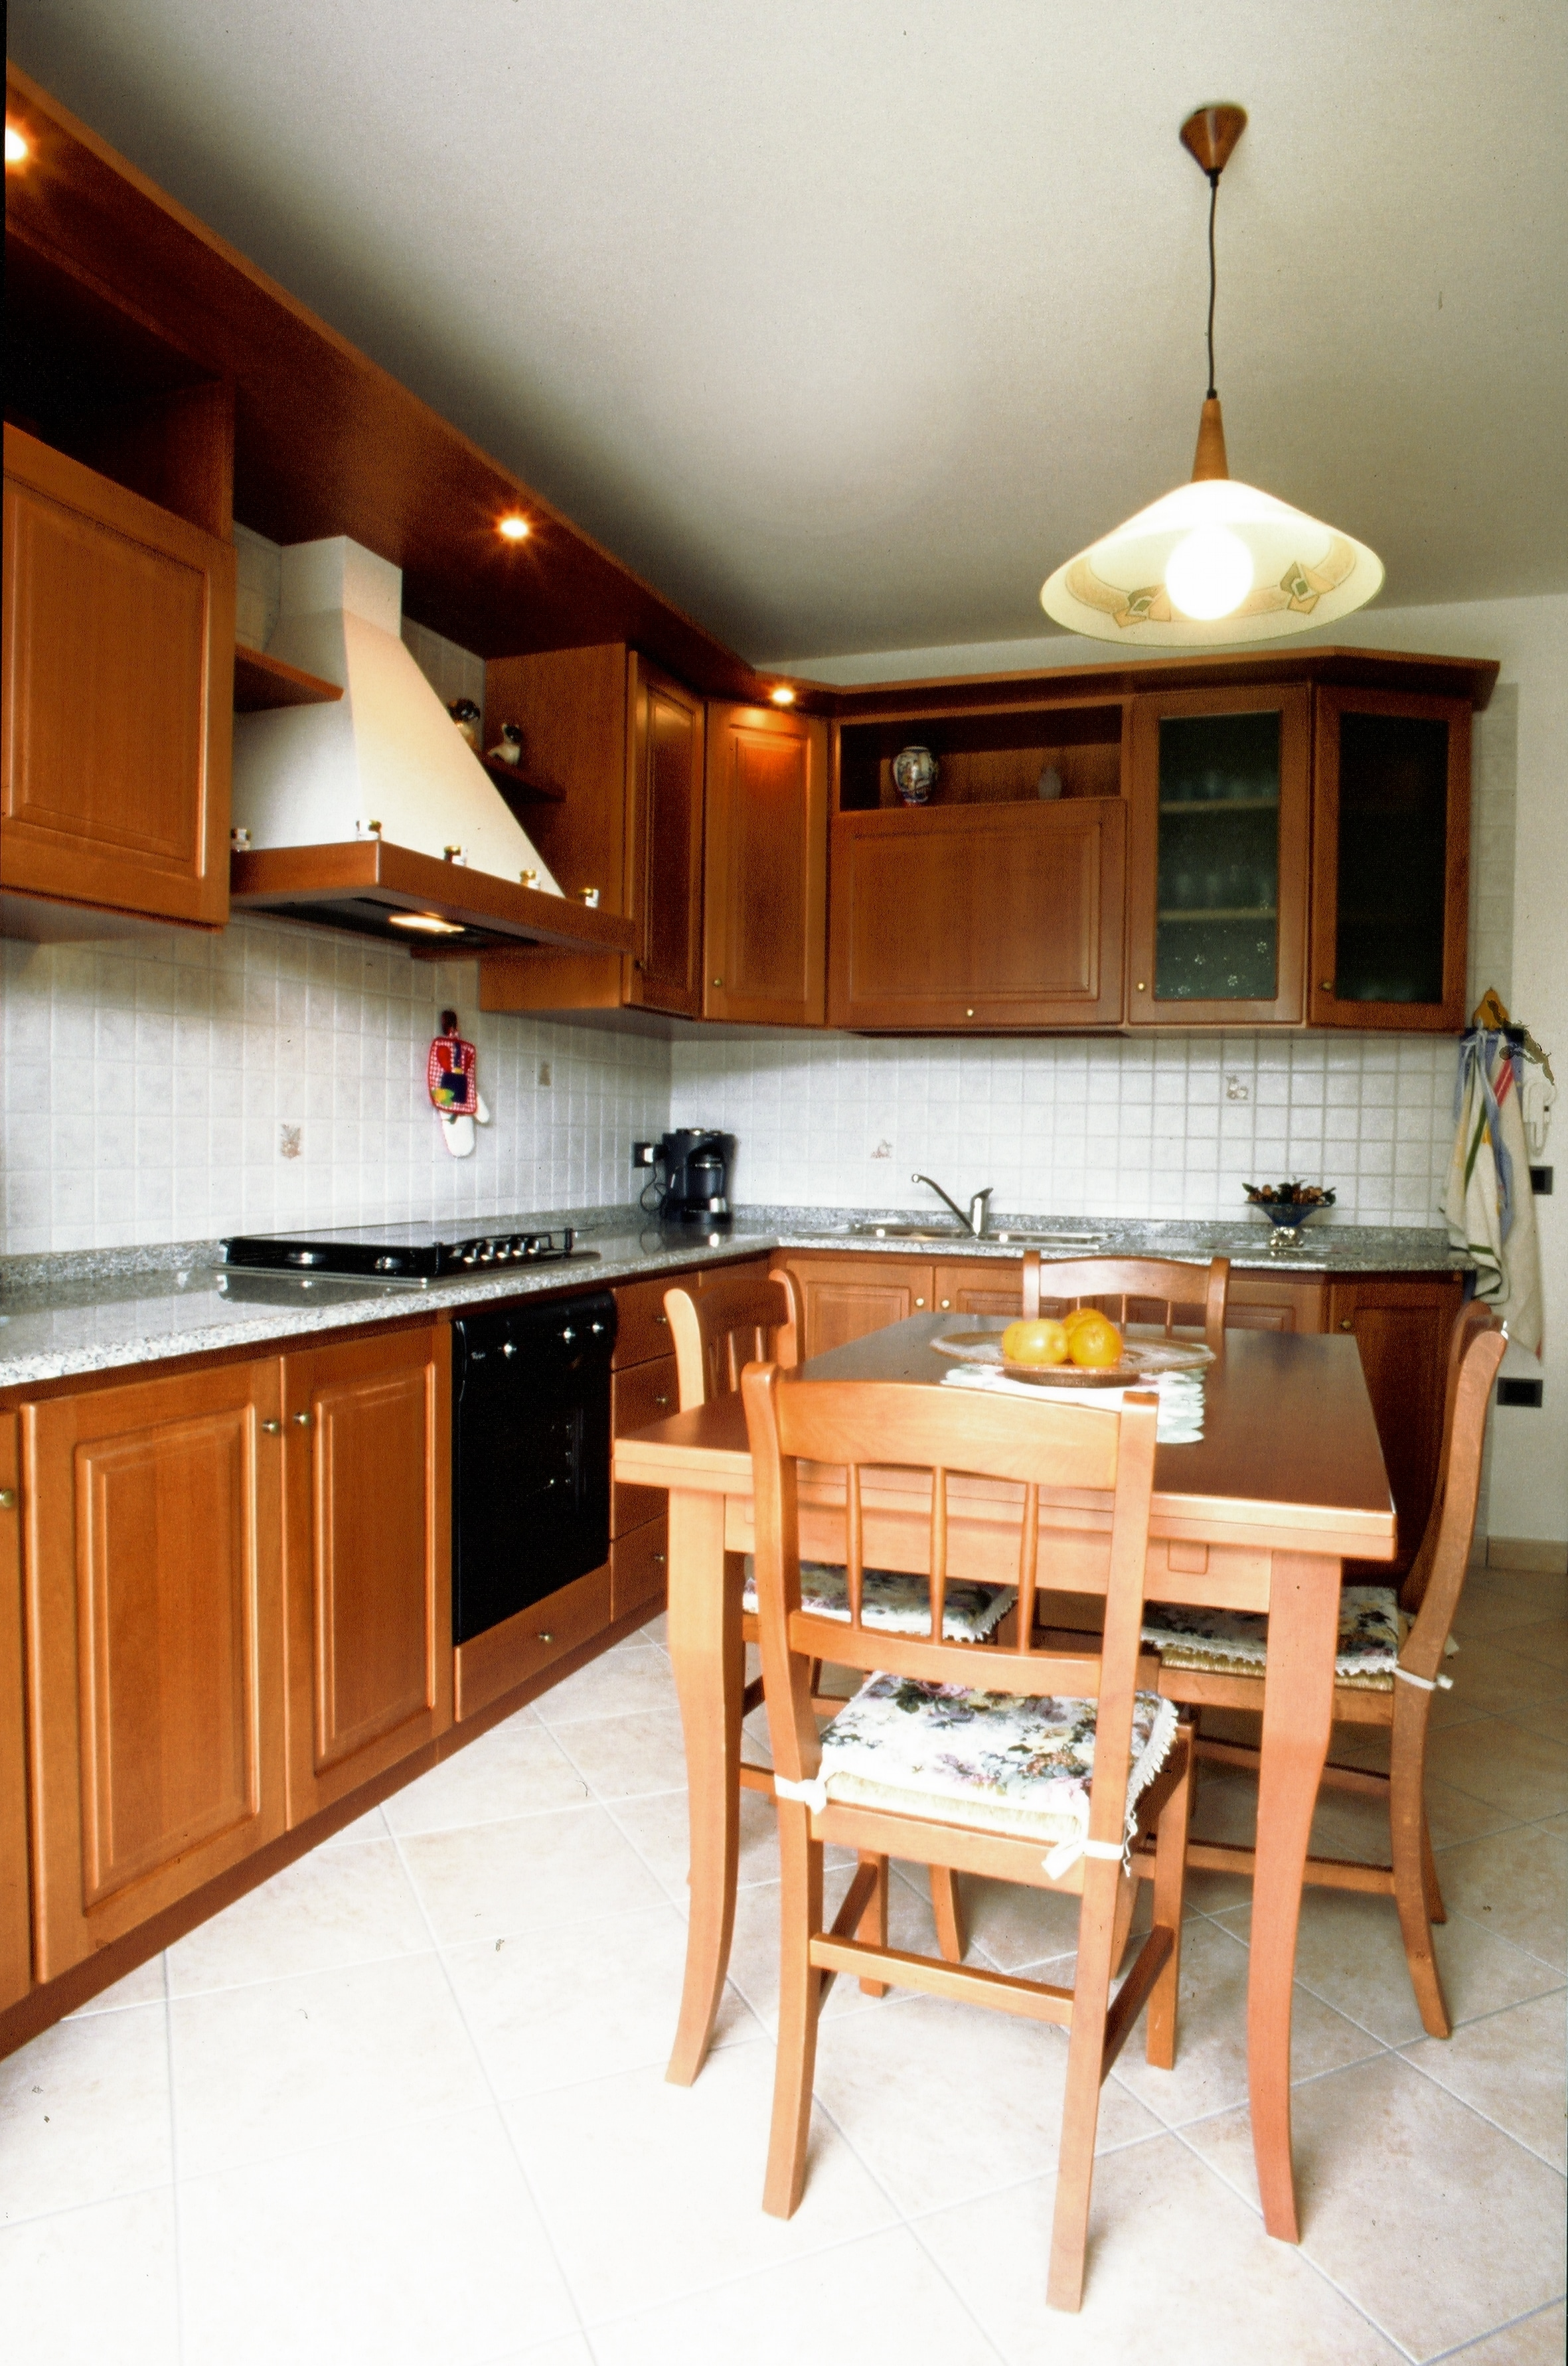 Cucina su misura stile classico in legno massello verniciato